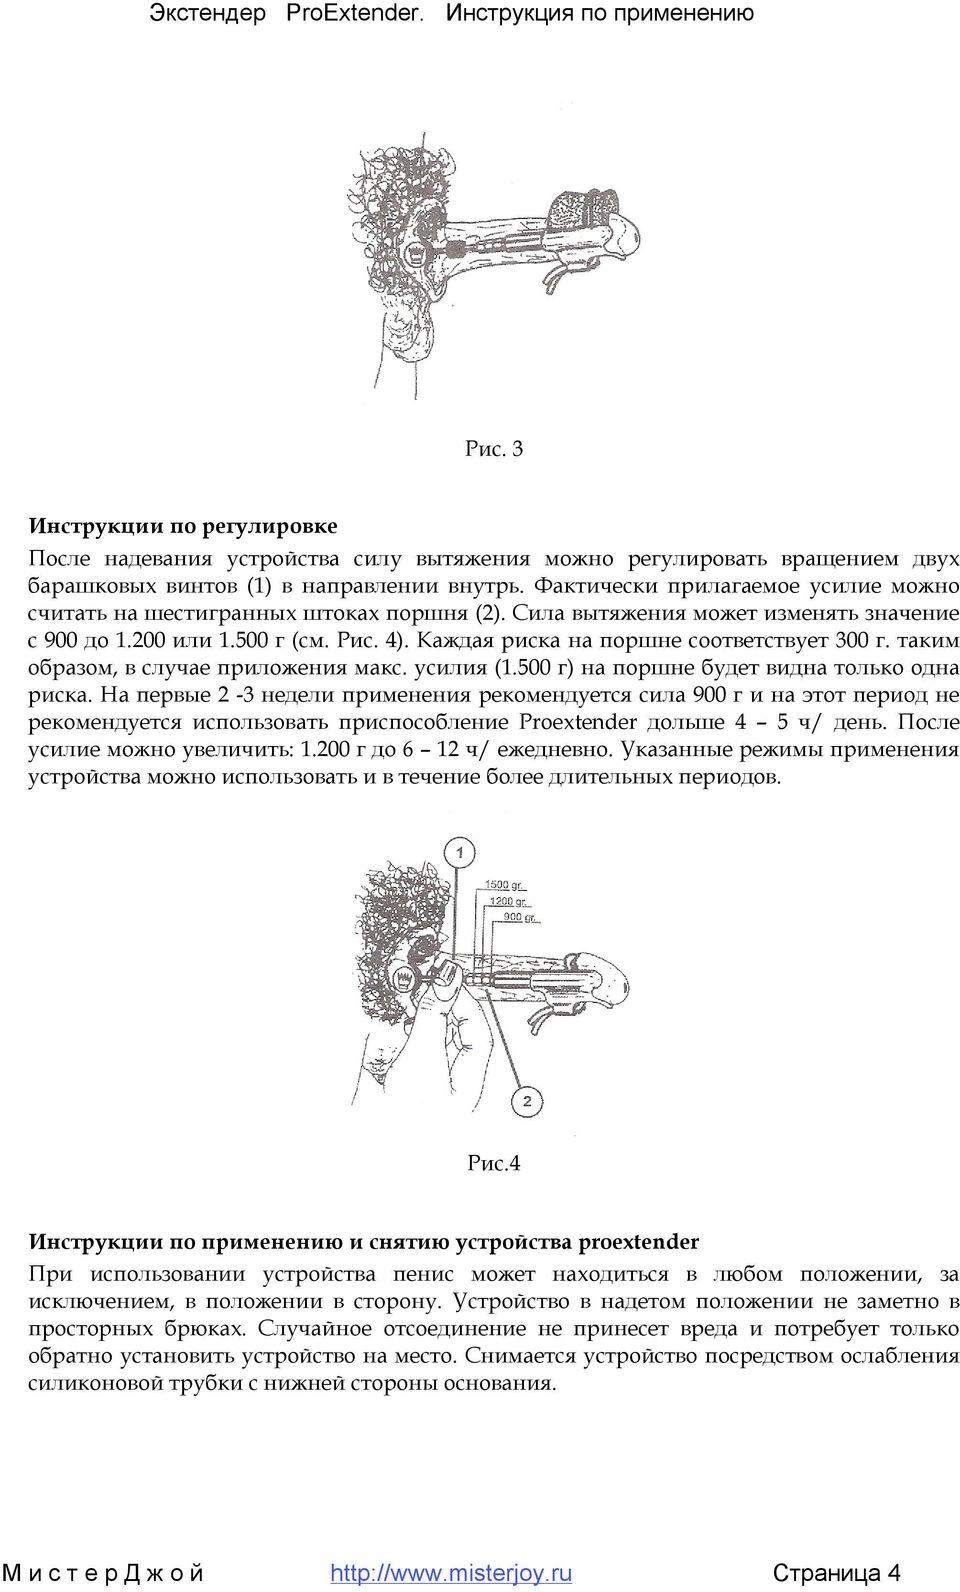 Экстендер для увеличения члена: удлинение, повышения, с помощью | athletic-store.ru